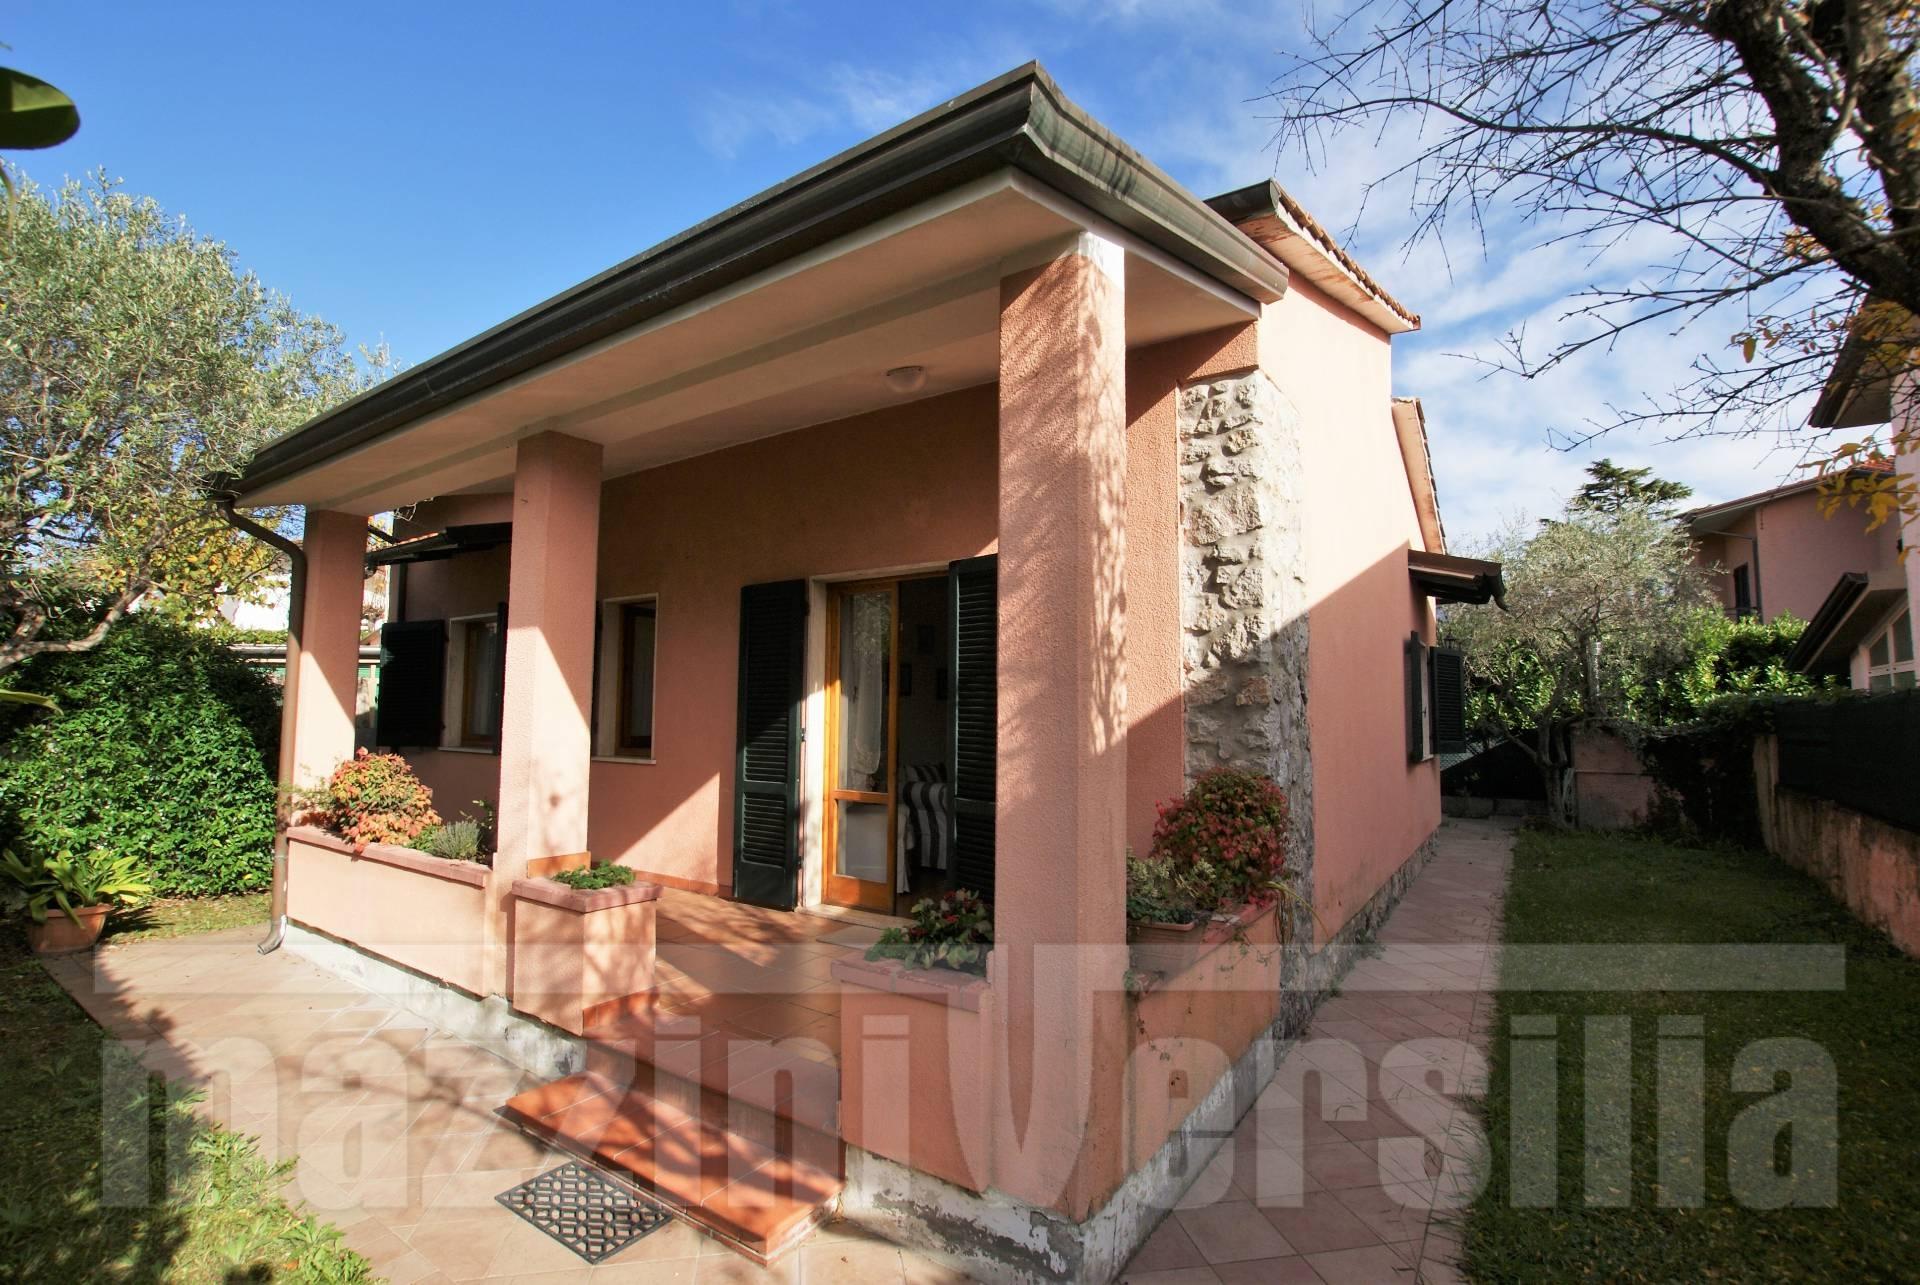 Casa indipendente in vendita a forte dei marmi cod 1434 for Casa a 2 piani in vendita